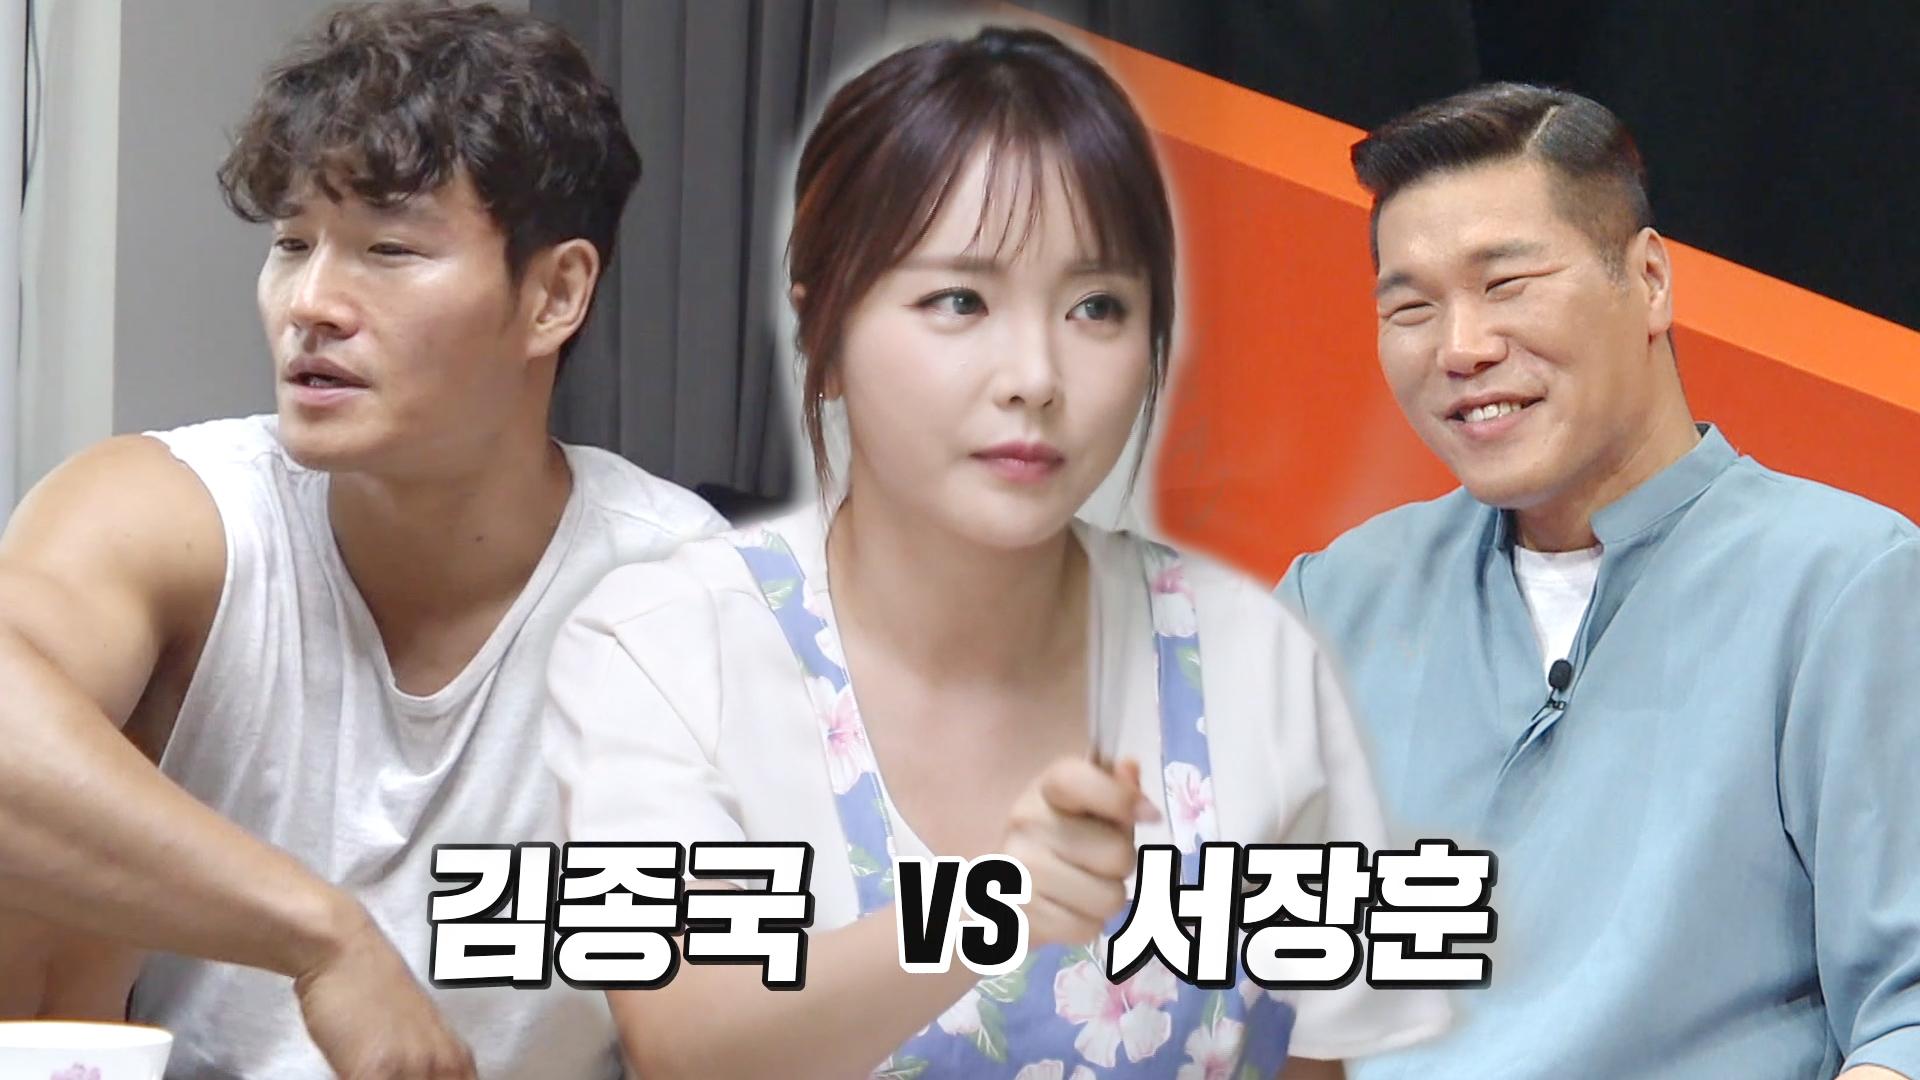 김종국VS서장훈 홍진영, 미우새 배 이상형 월드컵 결승 우승자는?!